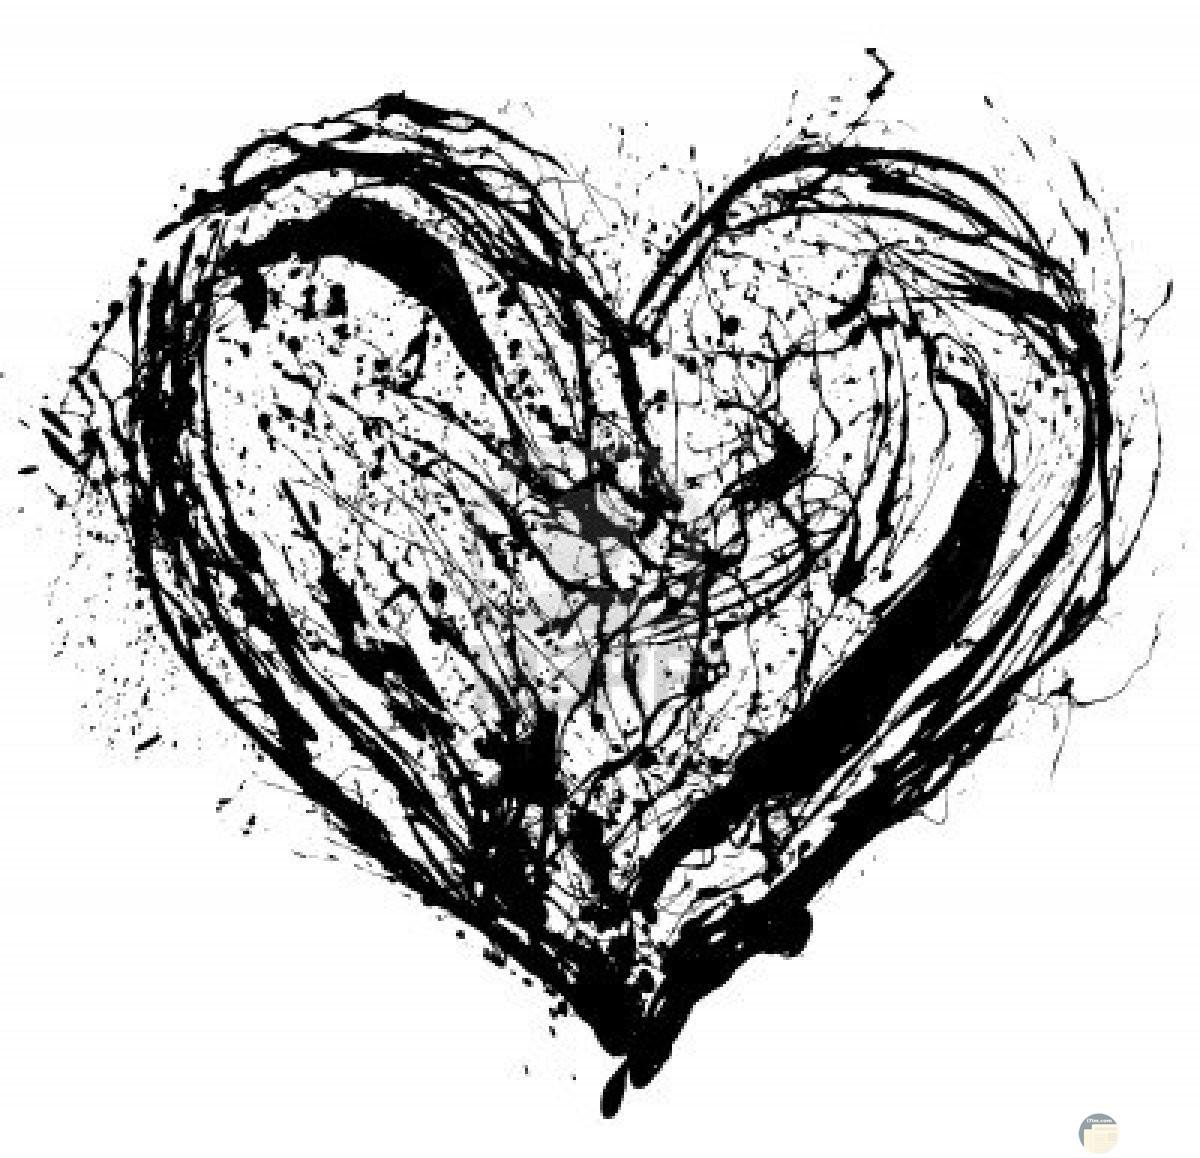 صور قلوب أبيض وأسود مميزة جدا